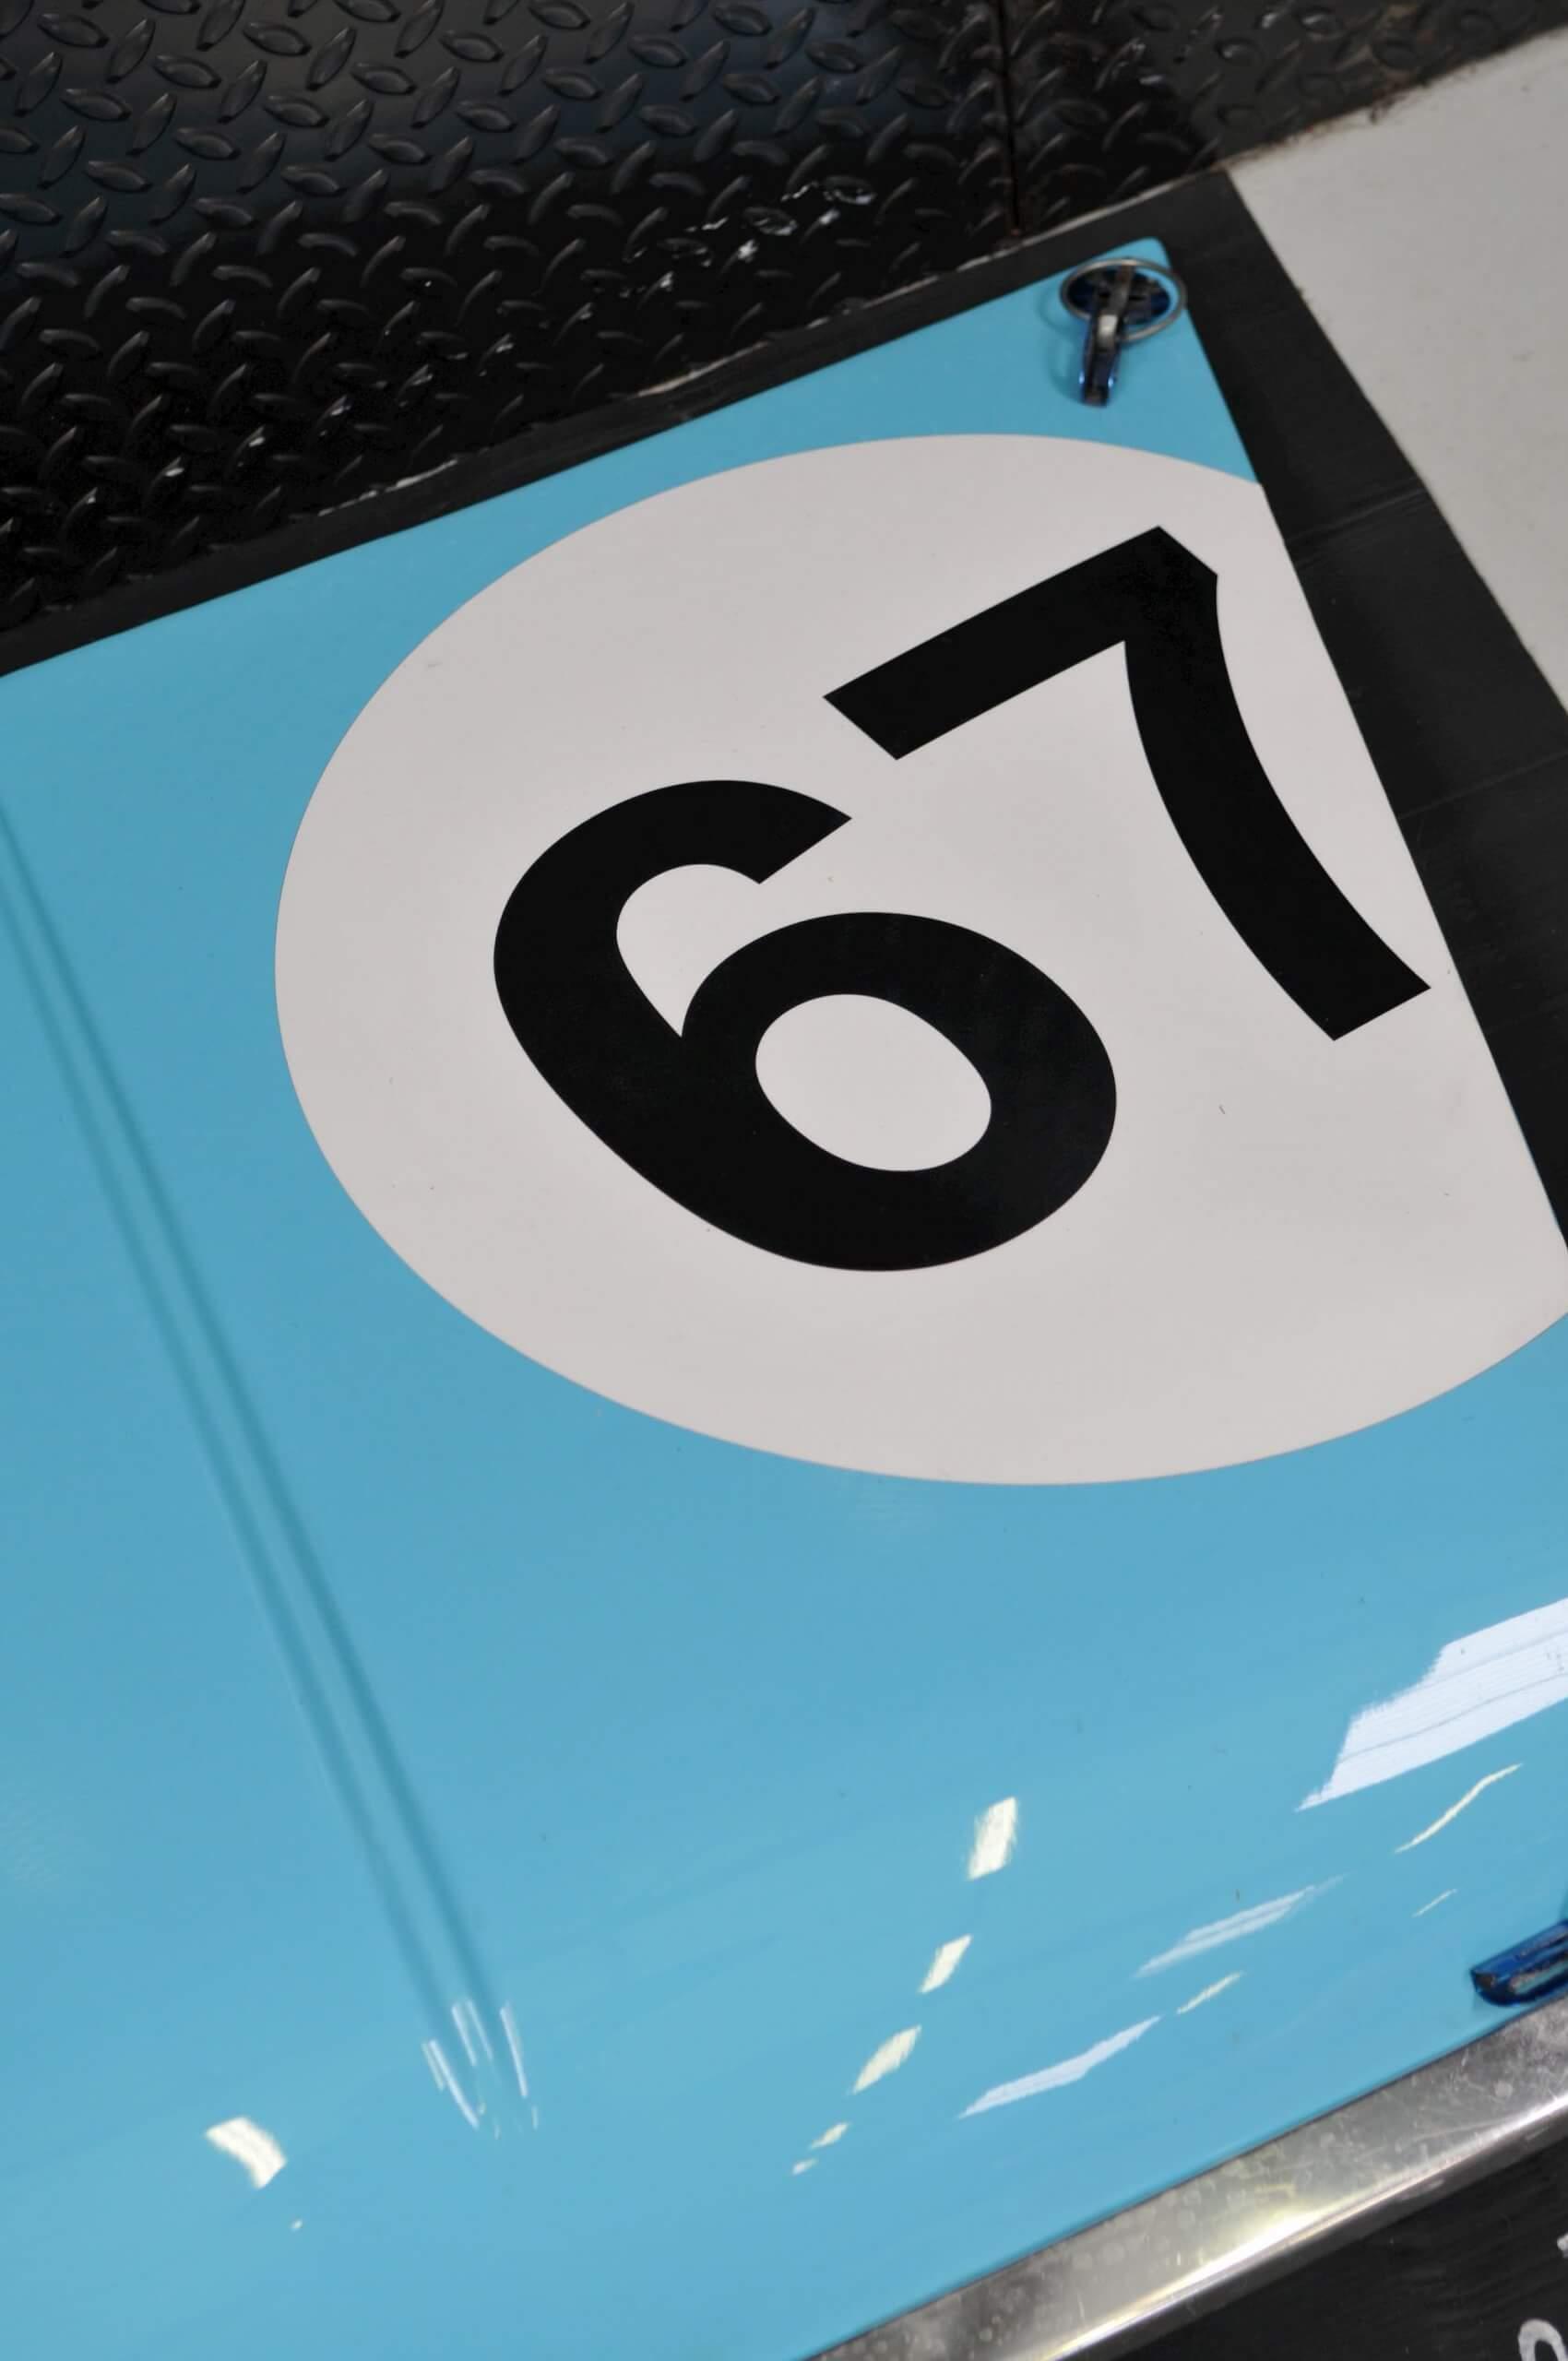 Austin Mini - born to win - Préparation chassis et compétition automobile